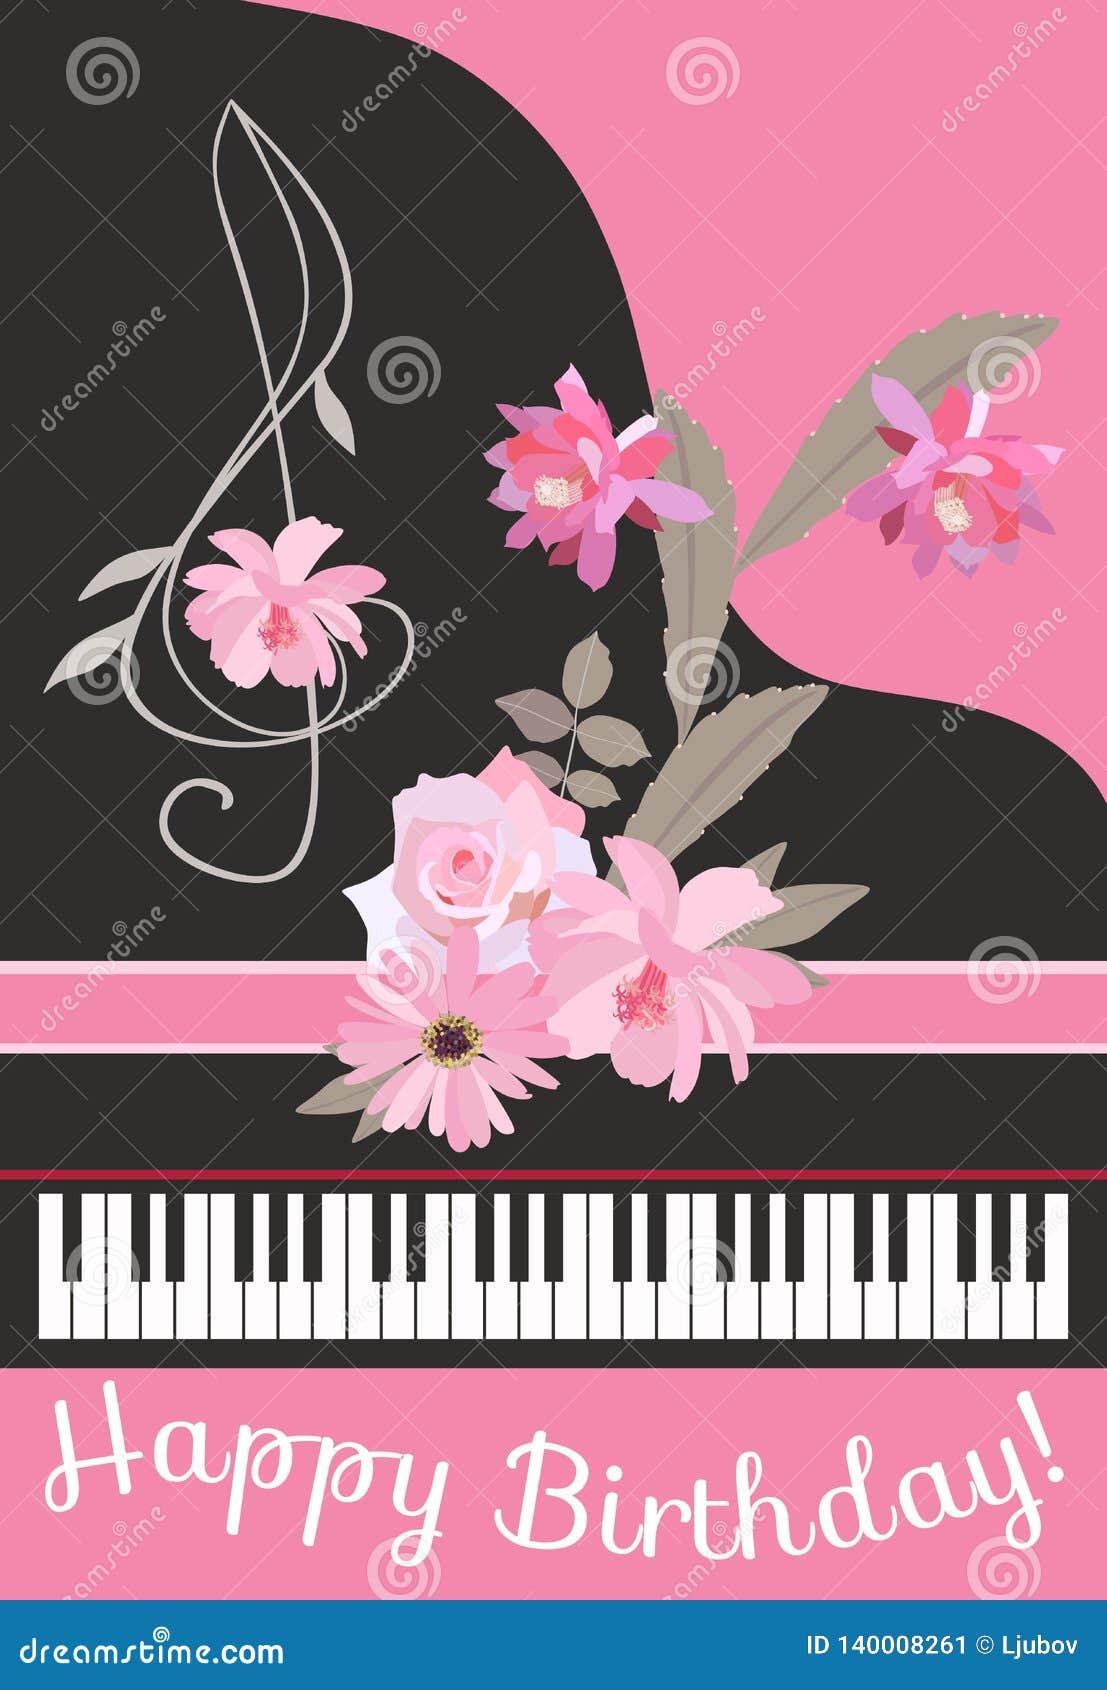 Carte de voeux de joyeux anniversaire avec le piano à queue de noir de concert, la clef triple florale, le ruban rose et le bouqu